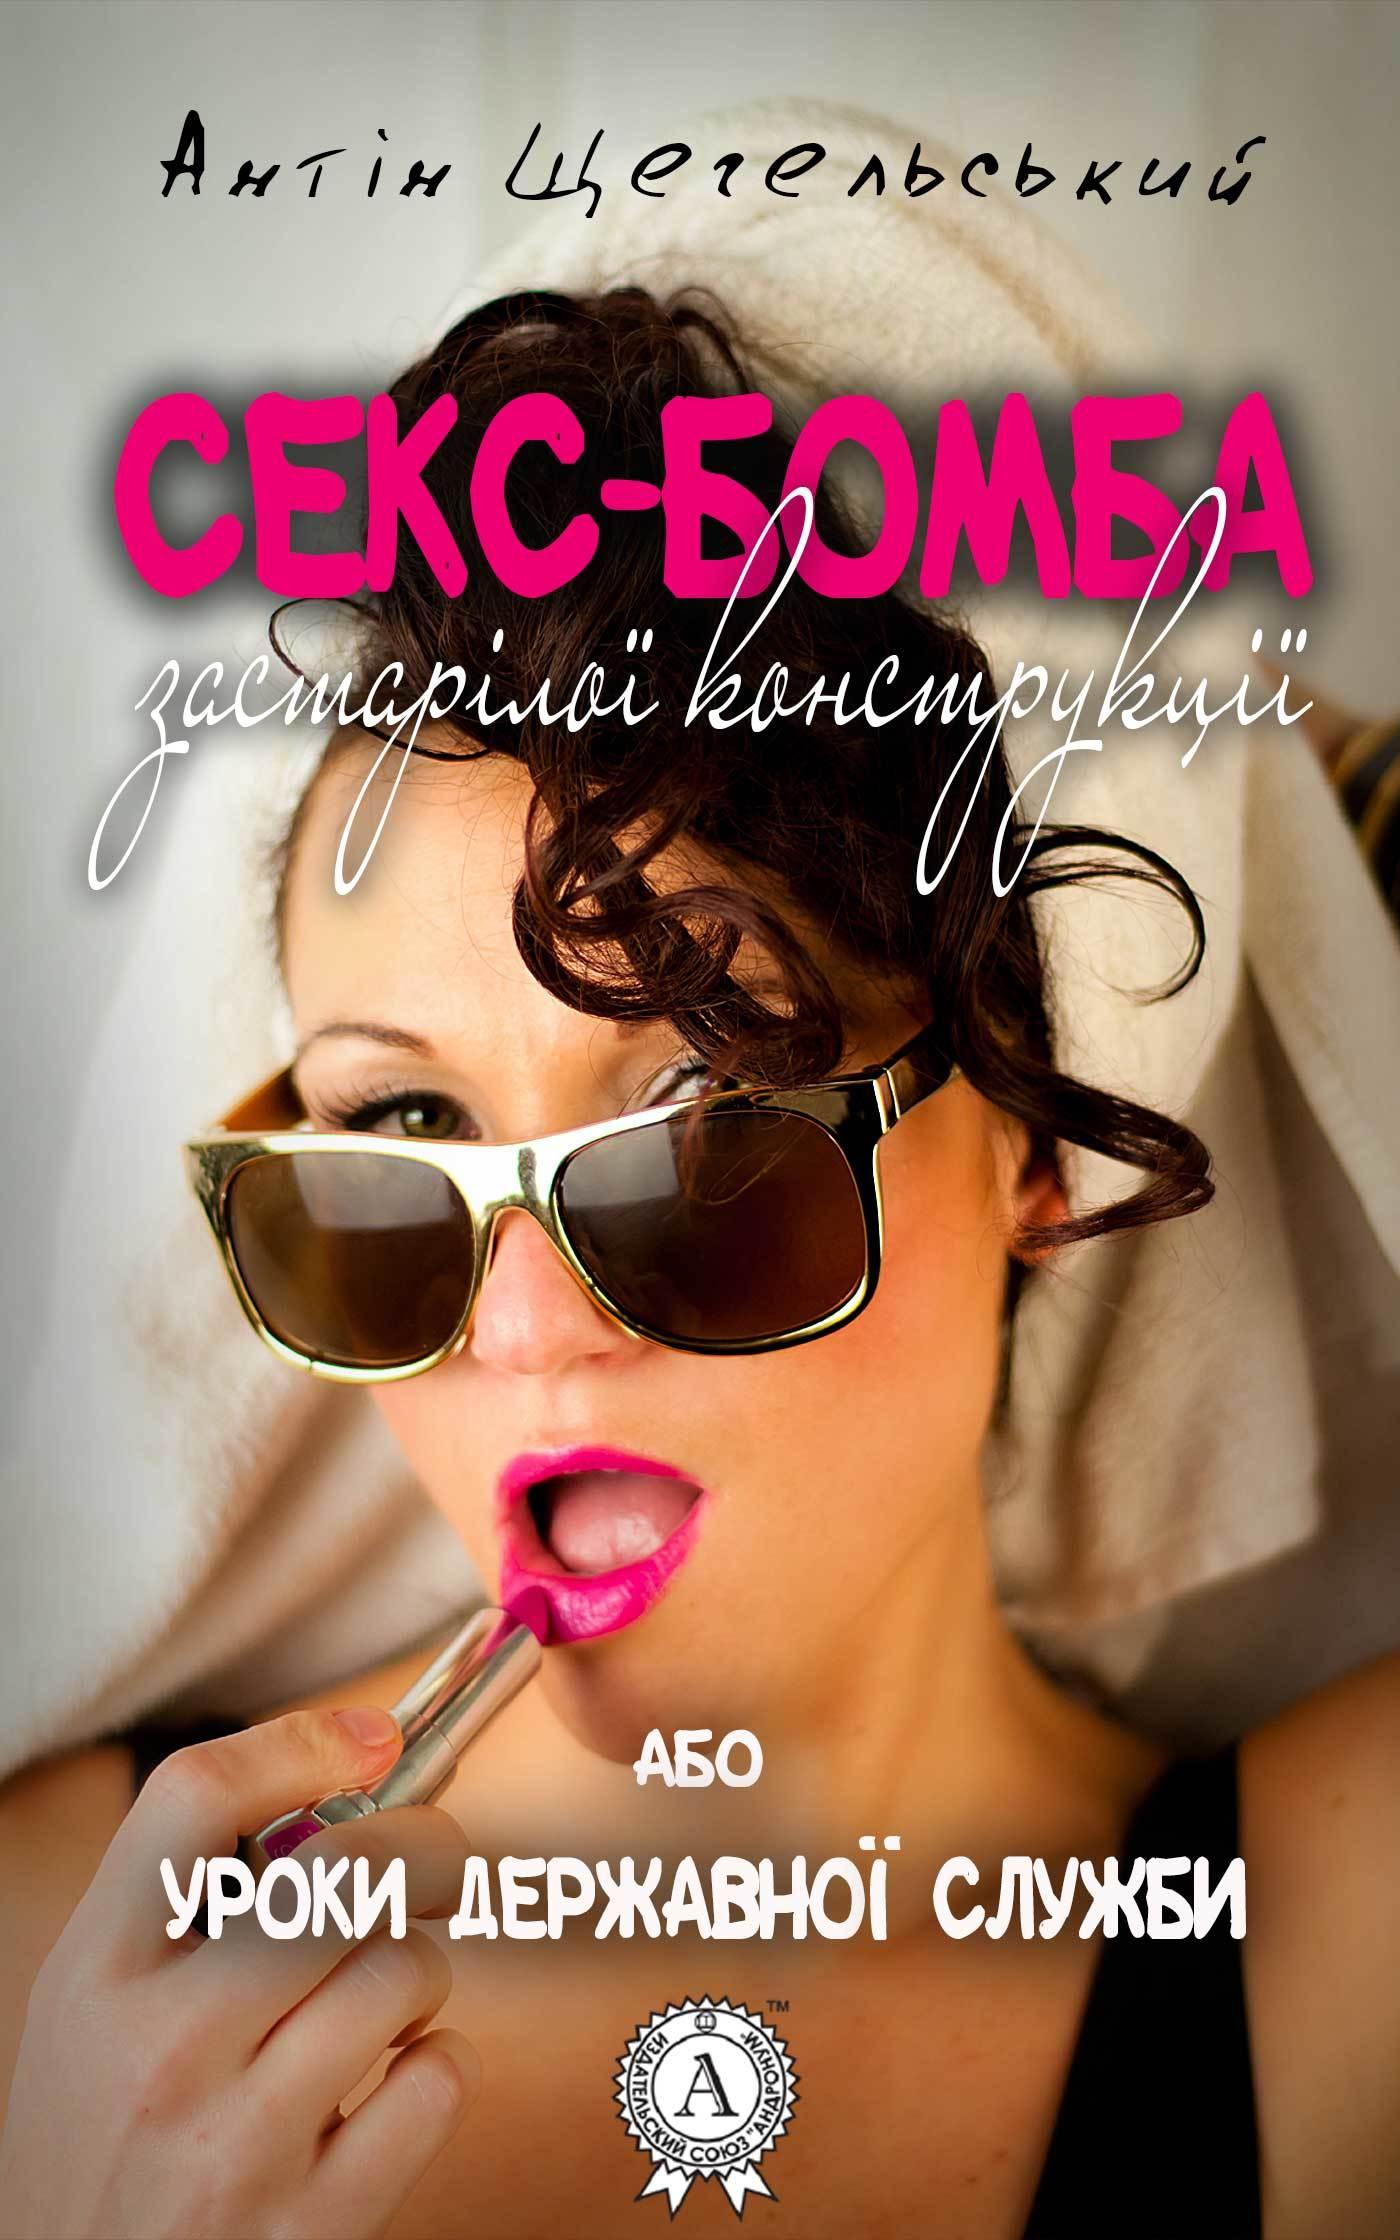 Антін Щегельський Секс-бомба застарілої конструкції, або Уроки державної служби дмитро павличко любов і ненависть вибране